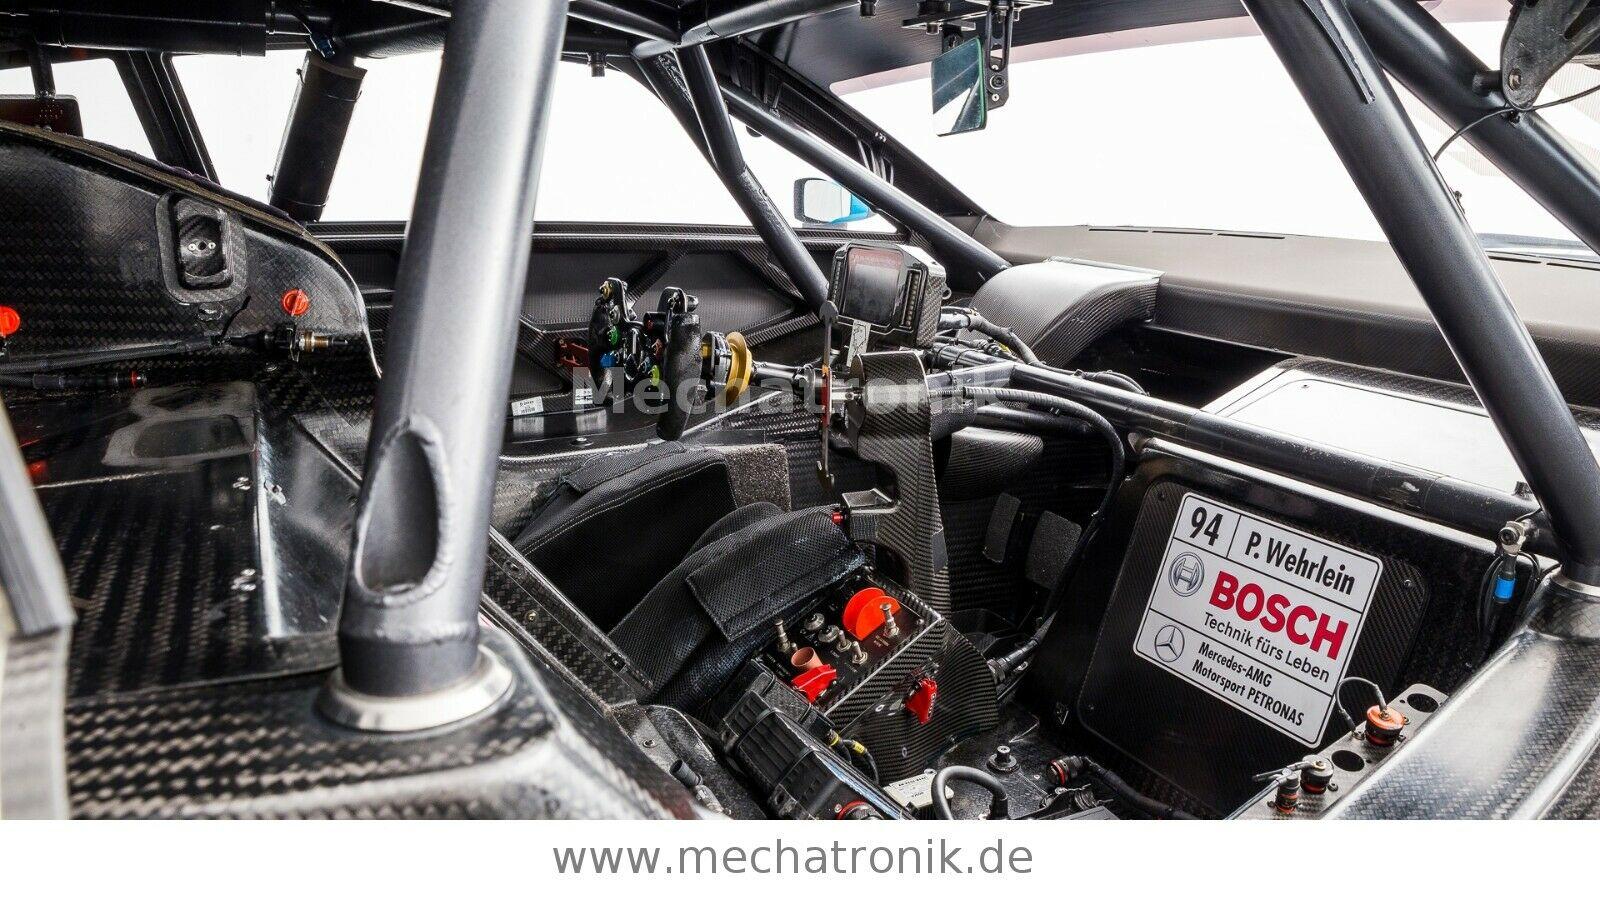 Mercedes-AMG C63 DTM rollcage